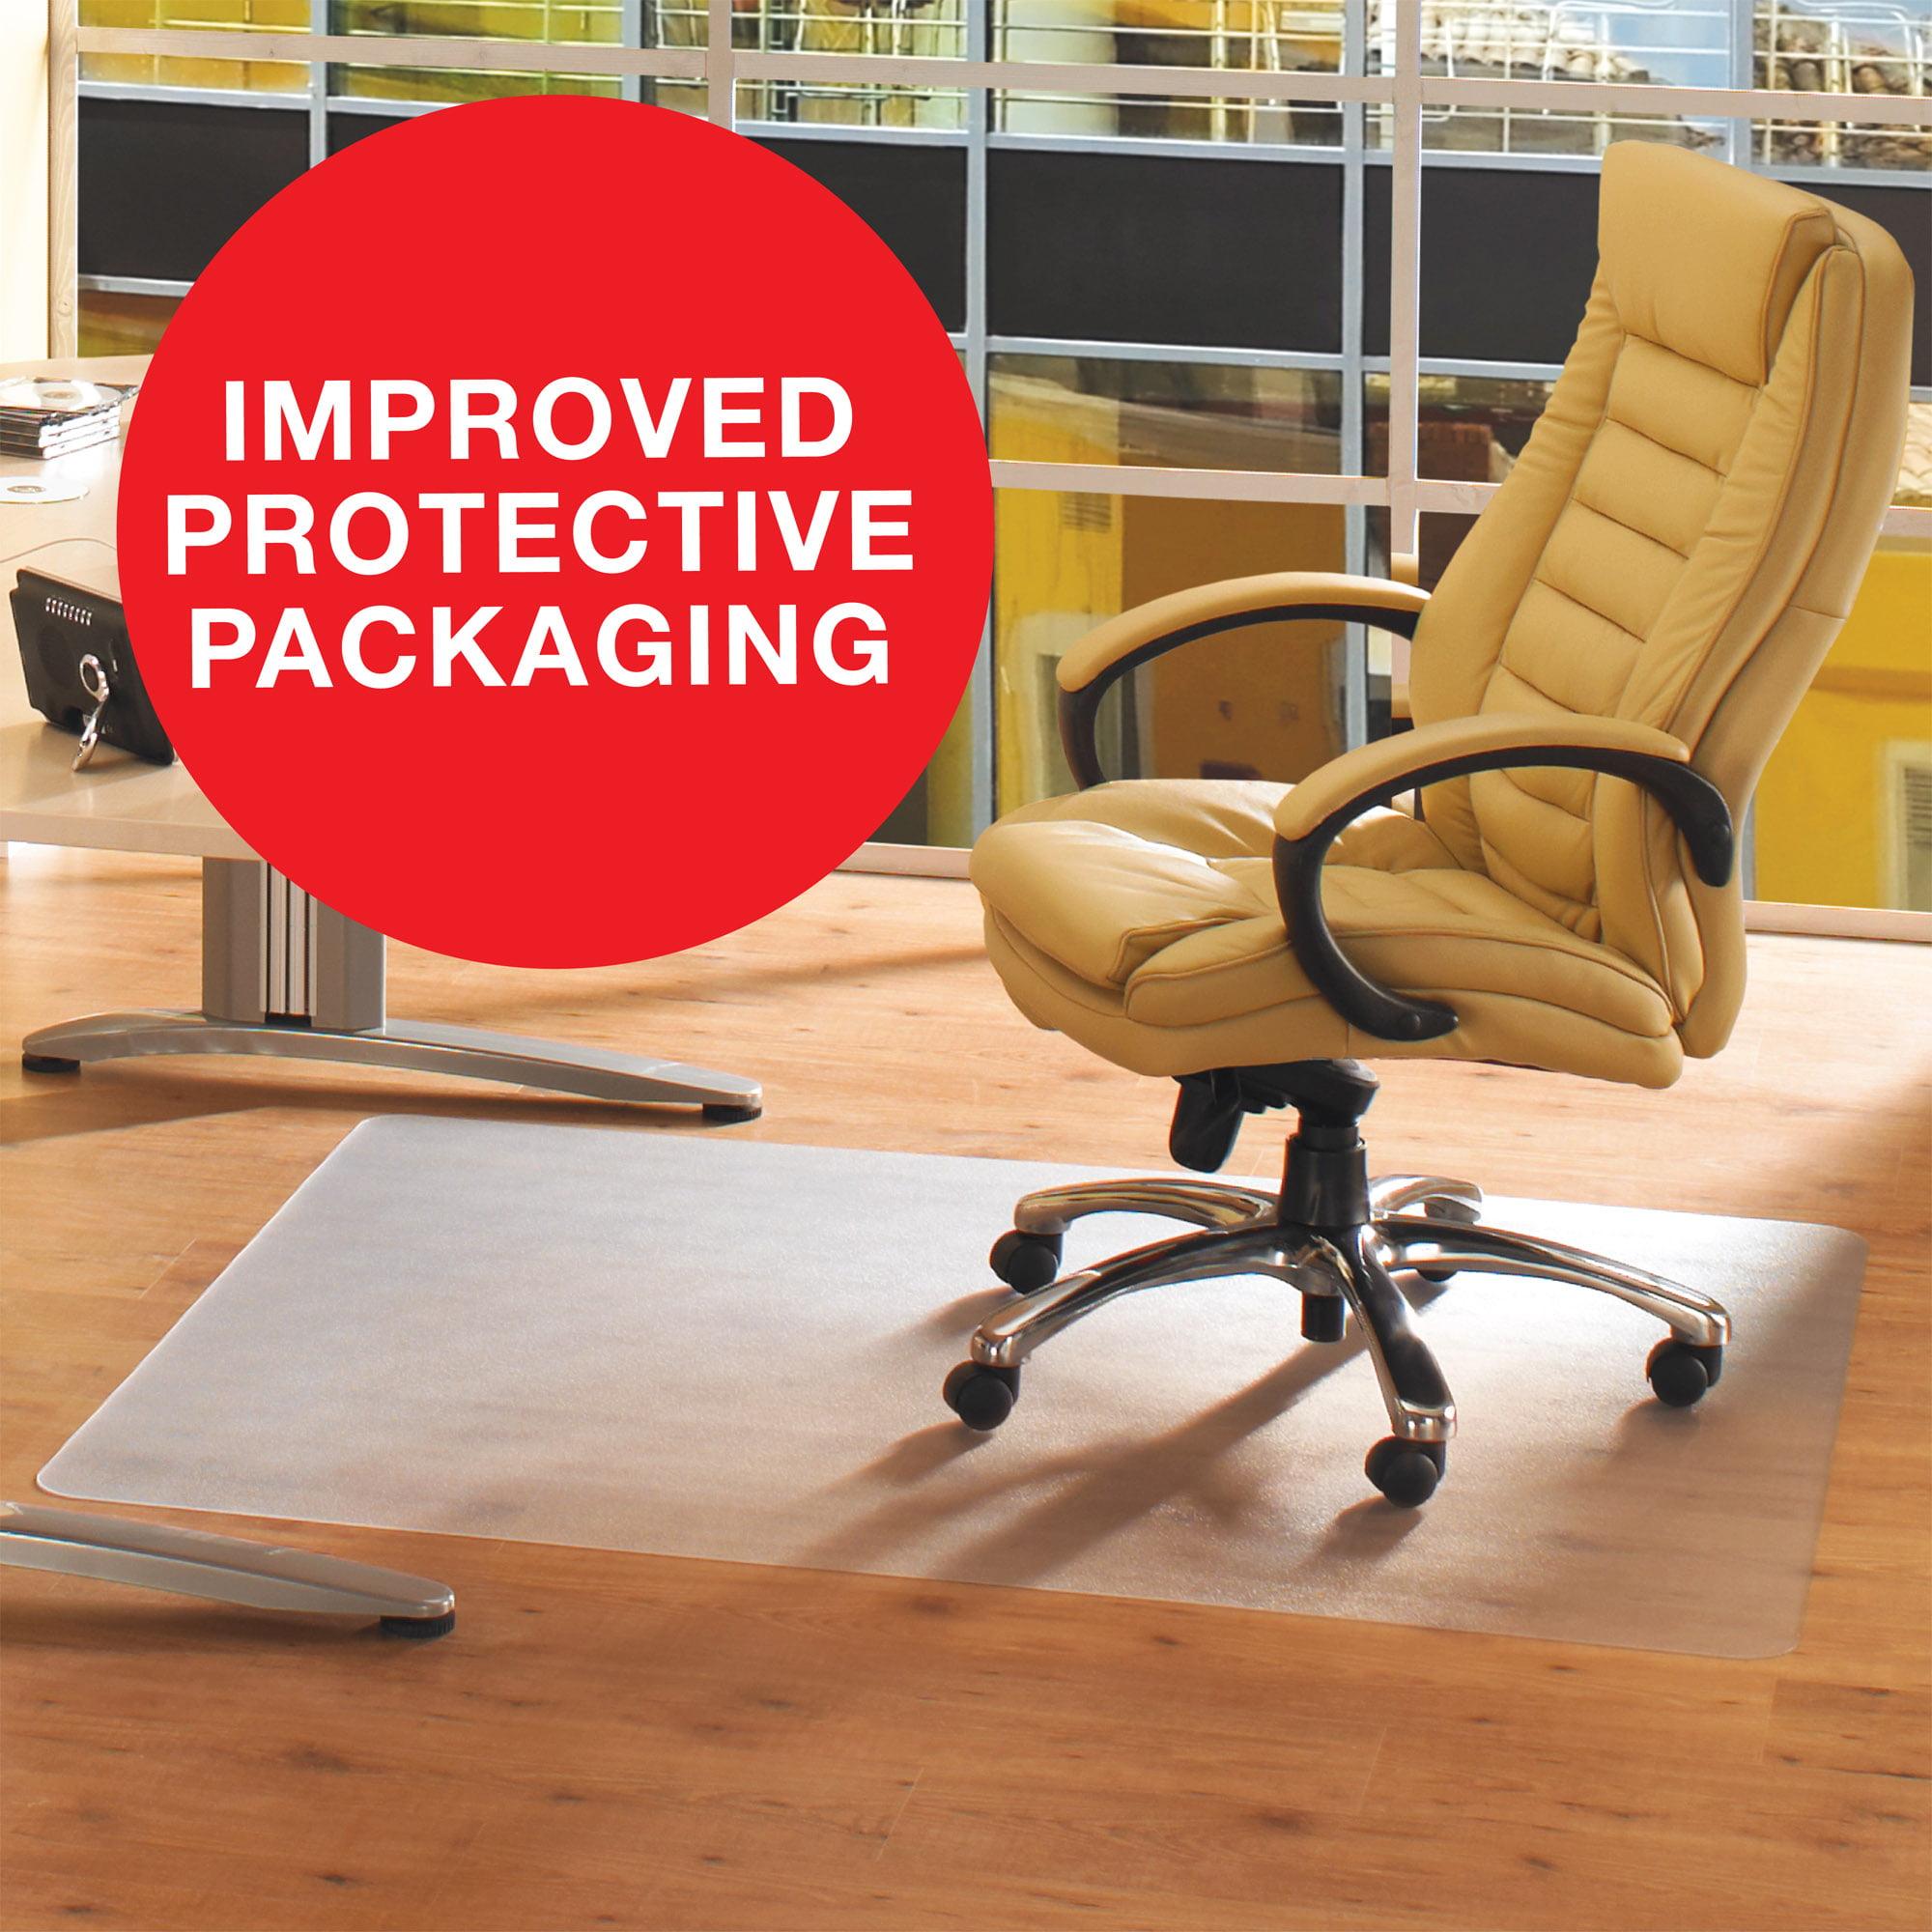 Floortex Advantagemat Pvc Rectangular Chair Mat For Hard Floor